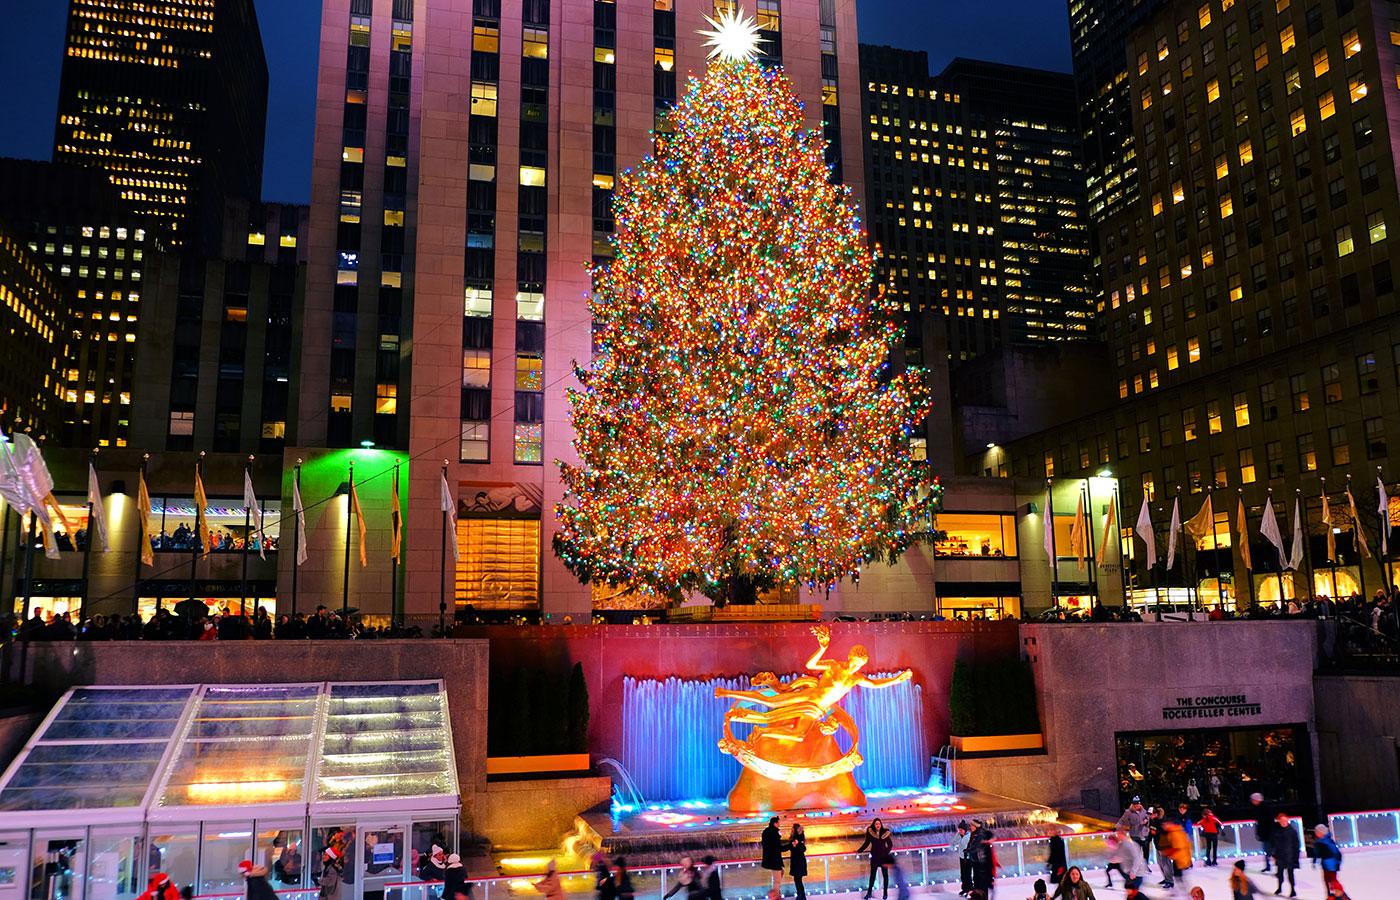 Albero Di Natale New York 2020.La Stagione Natalizia A New York 2020 Newyorkcity It